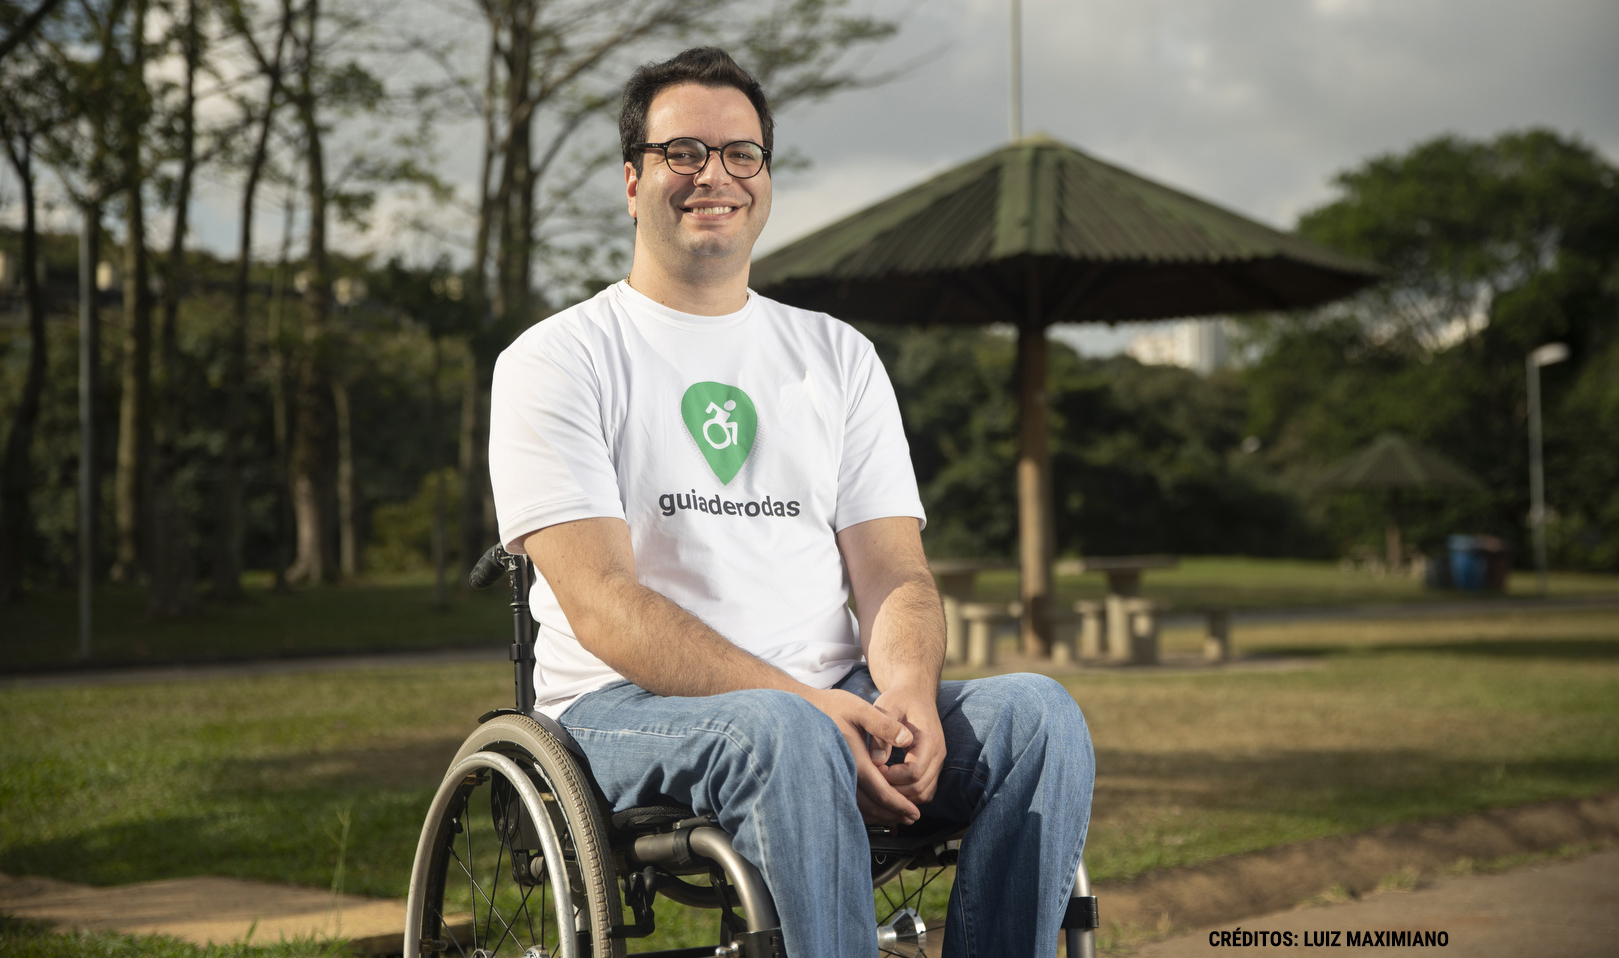 Criador do Guia de Rodas, Bruno Mahfuz conta que muitos dos avaliadores não são cadeirantes (Foto divulgação)